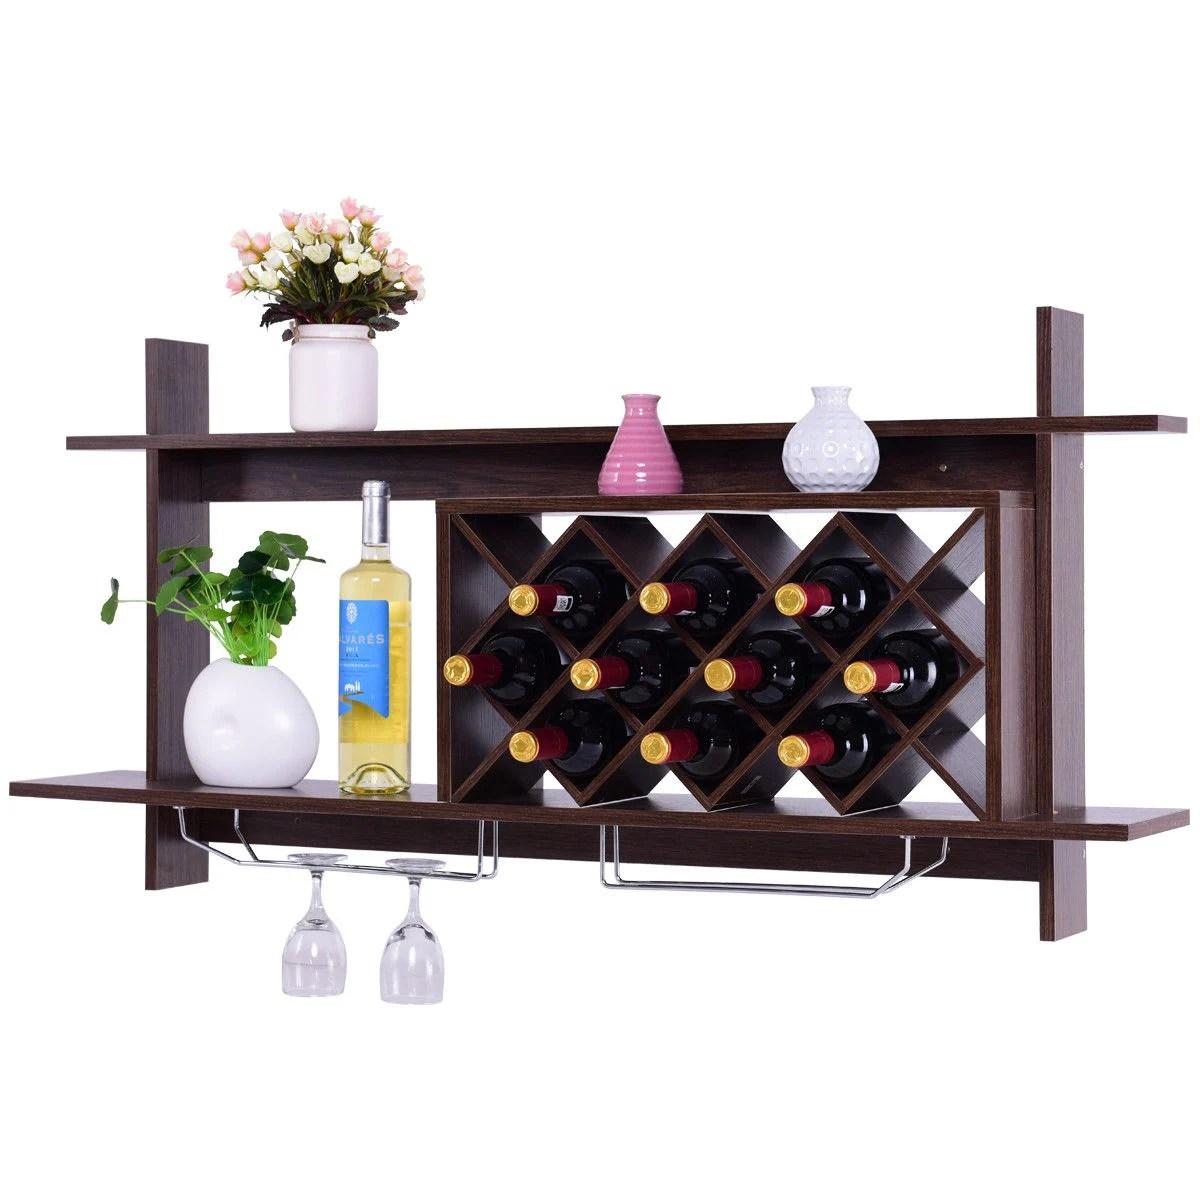 gymax wall mount wine rack organizer with glass holder storage shelf